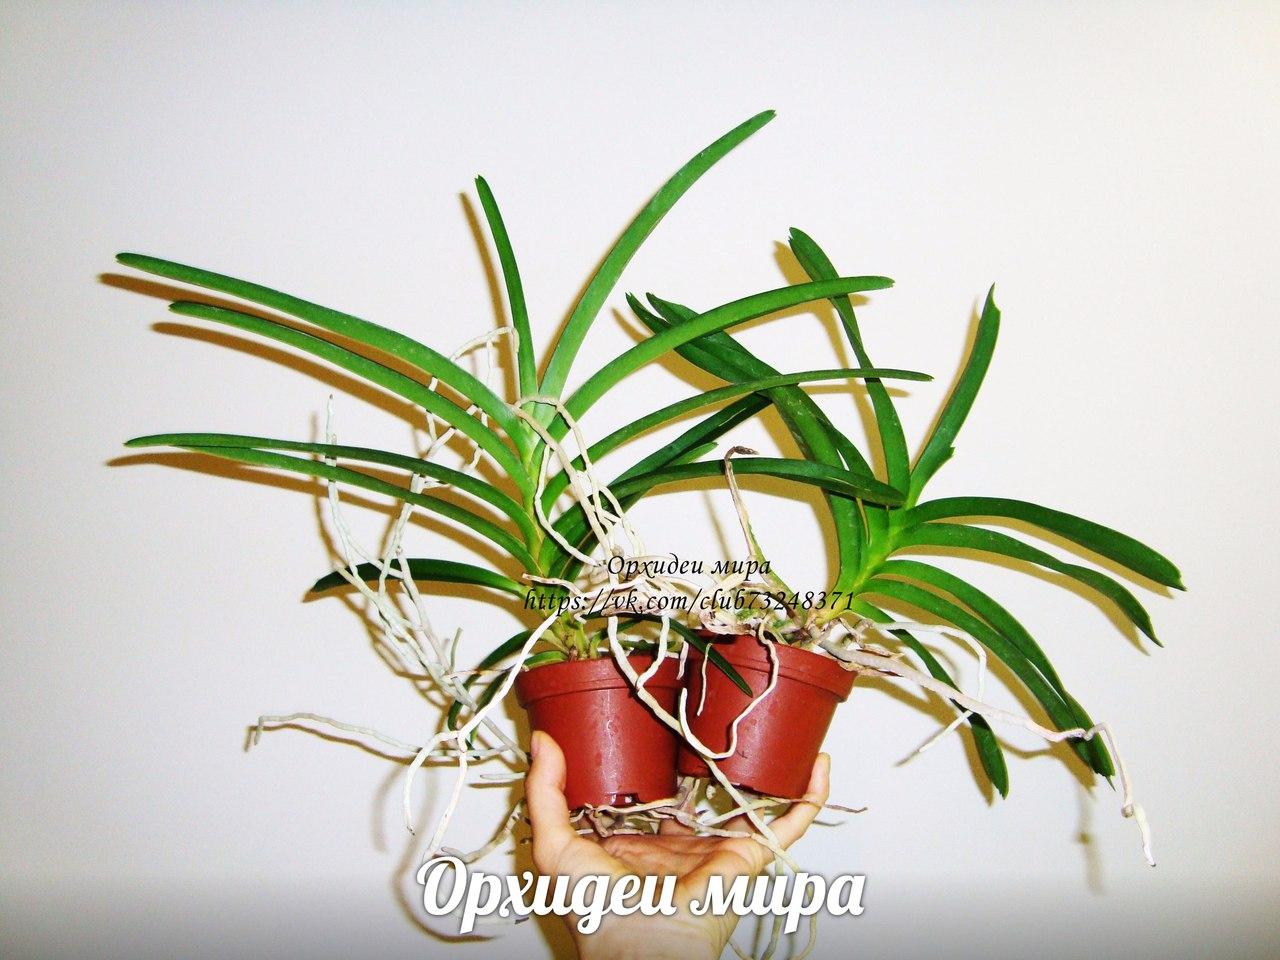 Здоровый вид молодой орхидеи ванды